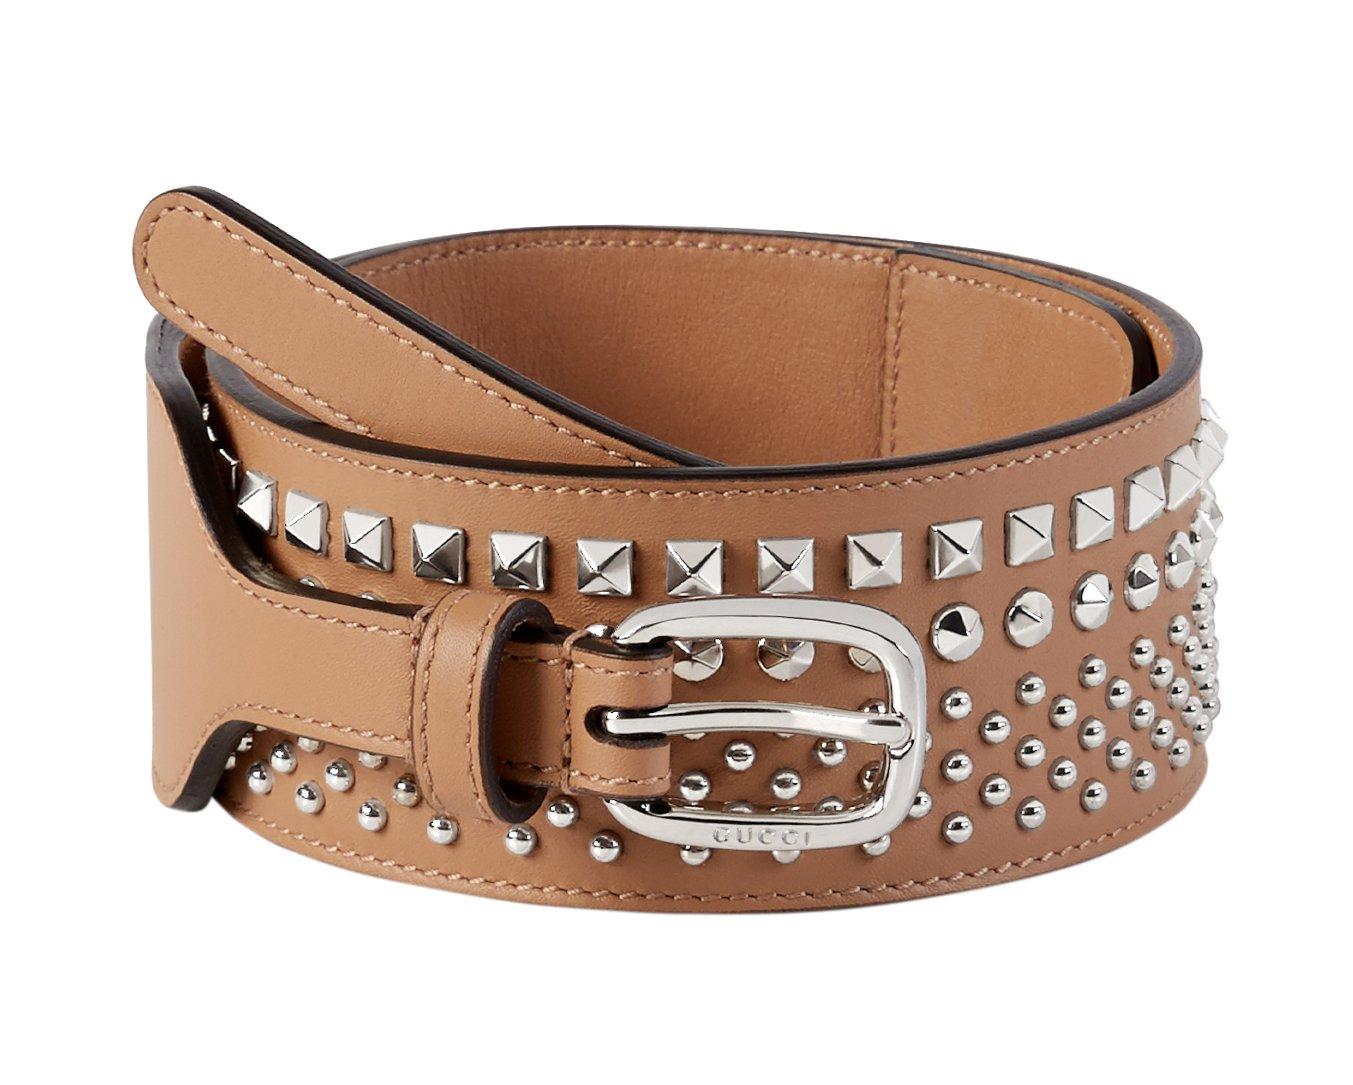 Gucci Women's Beige Studded Leather Wide Waist Belt, 34, Beige